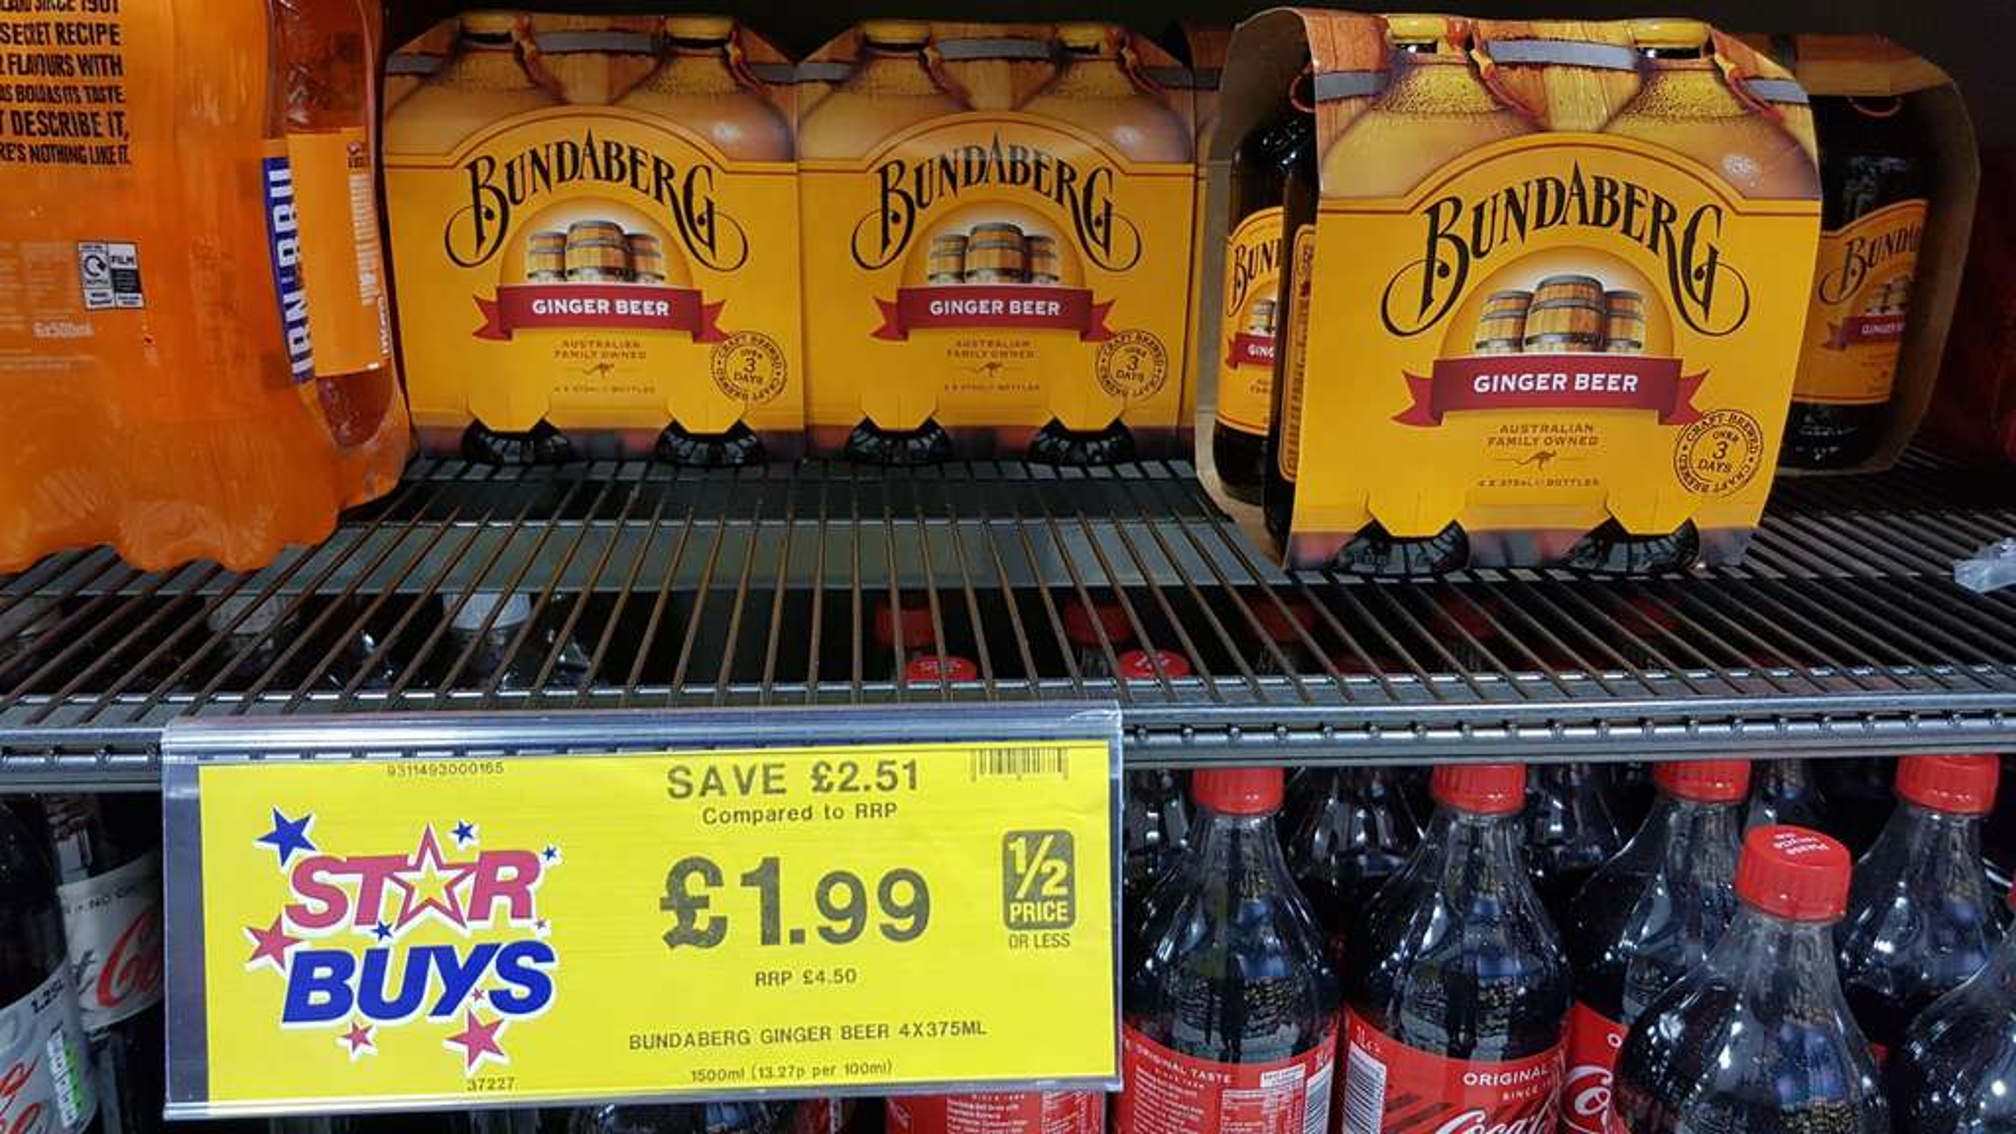 Bundaberg Ginger Beer 4x375ml 1 99 Home Bargains Hotukdeals